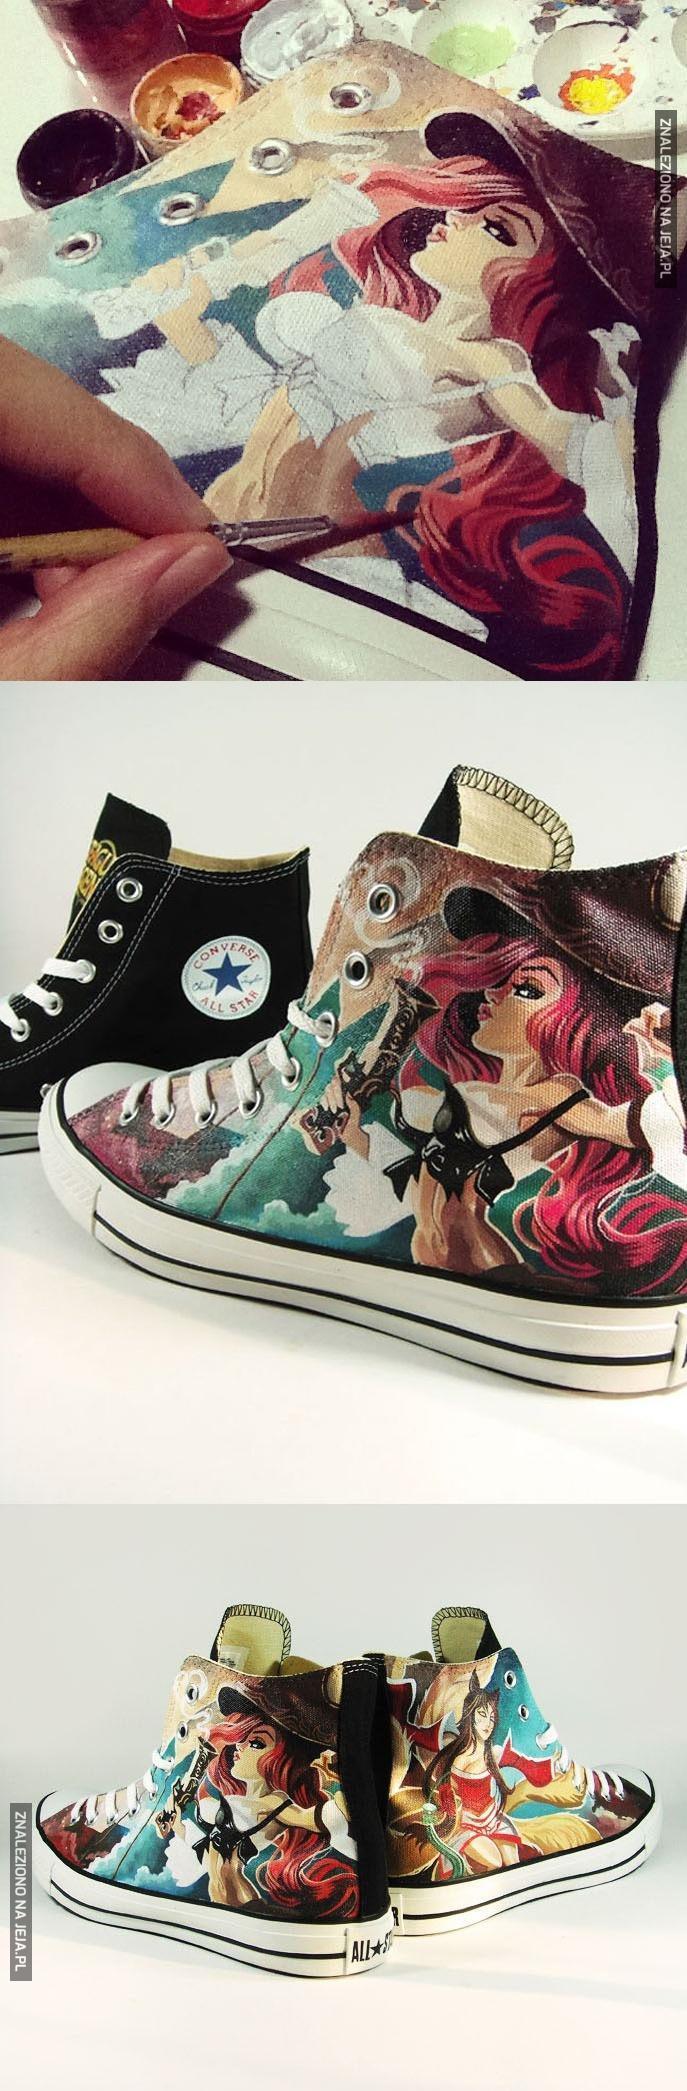 Niech ktoś mi tak pomaluje buty!